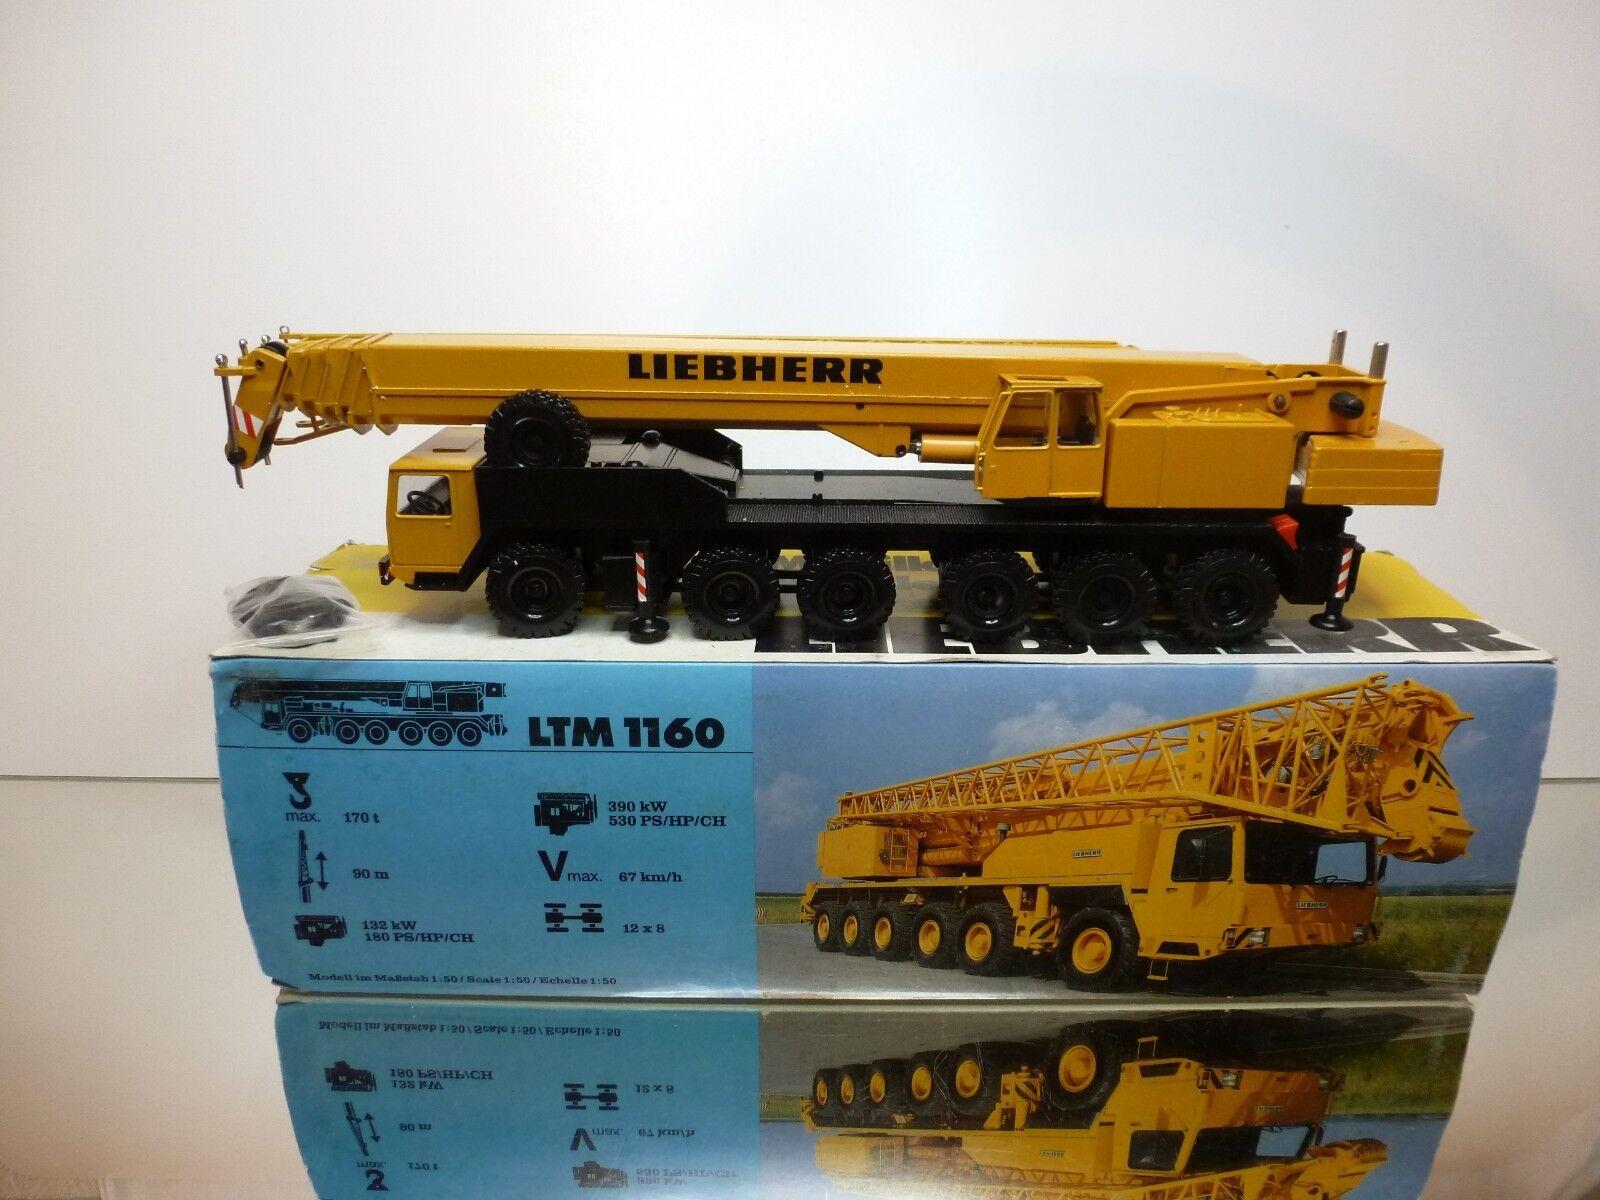 CONRAD 2082 LIEBHERR MOBILE CRANE LTM 1160 - giallo 1 50 - VERY GOOD IN BOX